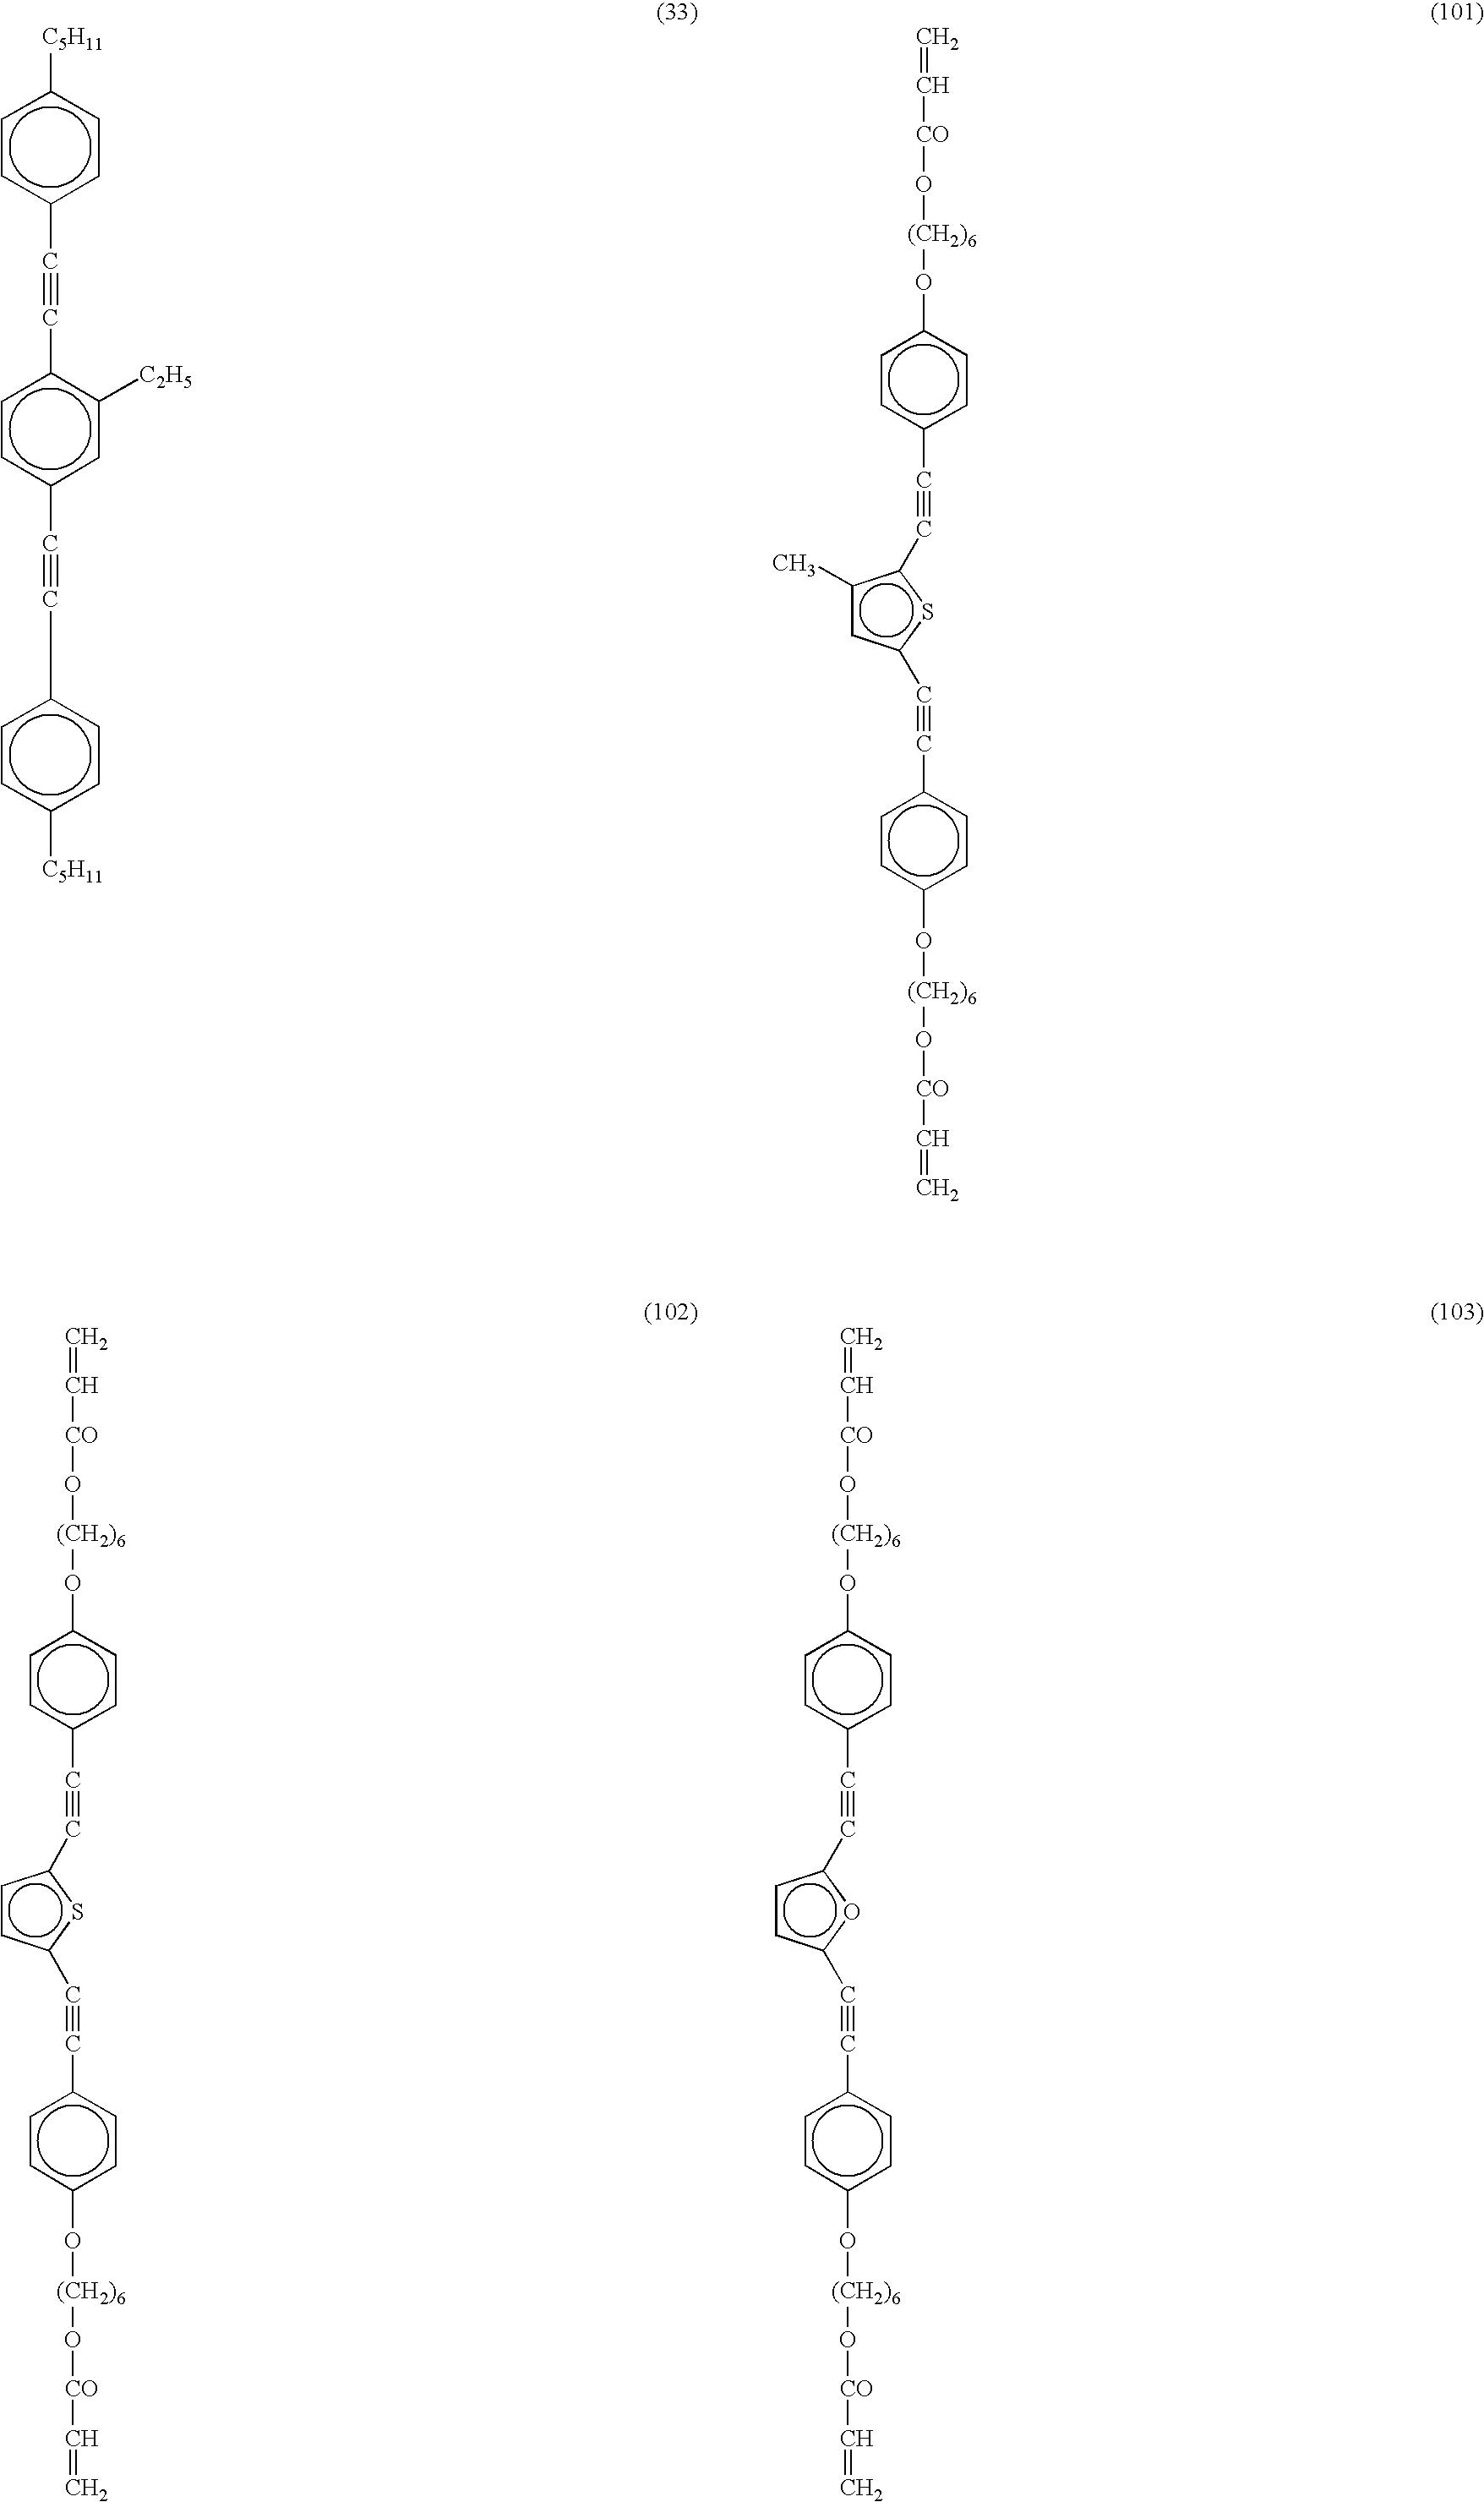 Figure US07128953-20061031-C00020